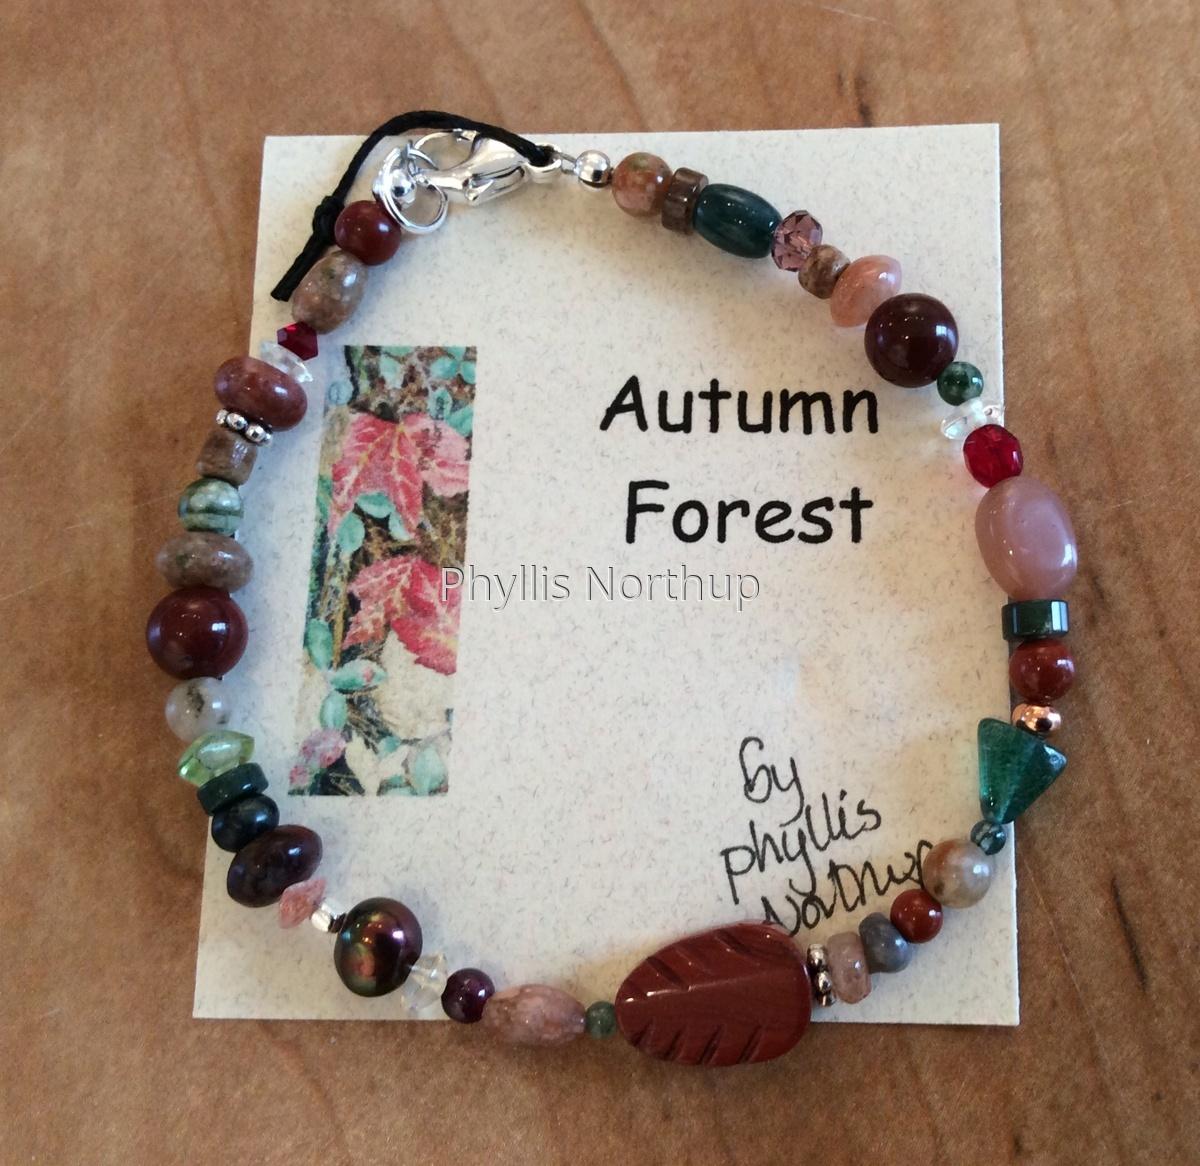 Autumn Forest Bracelet (large view)